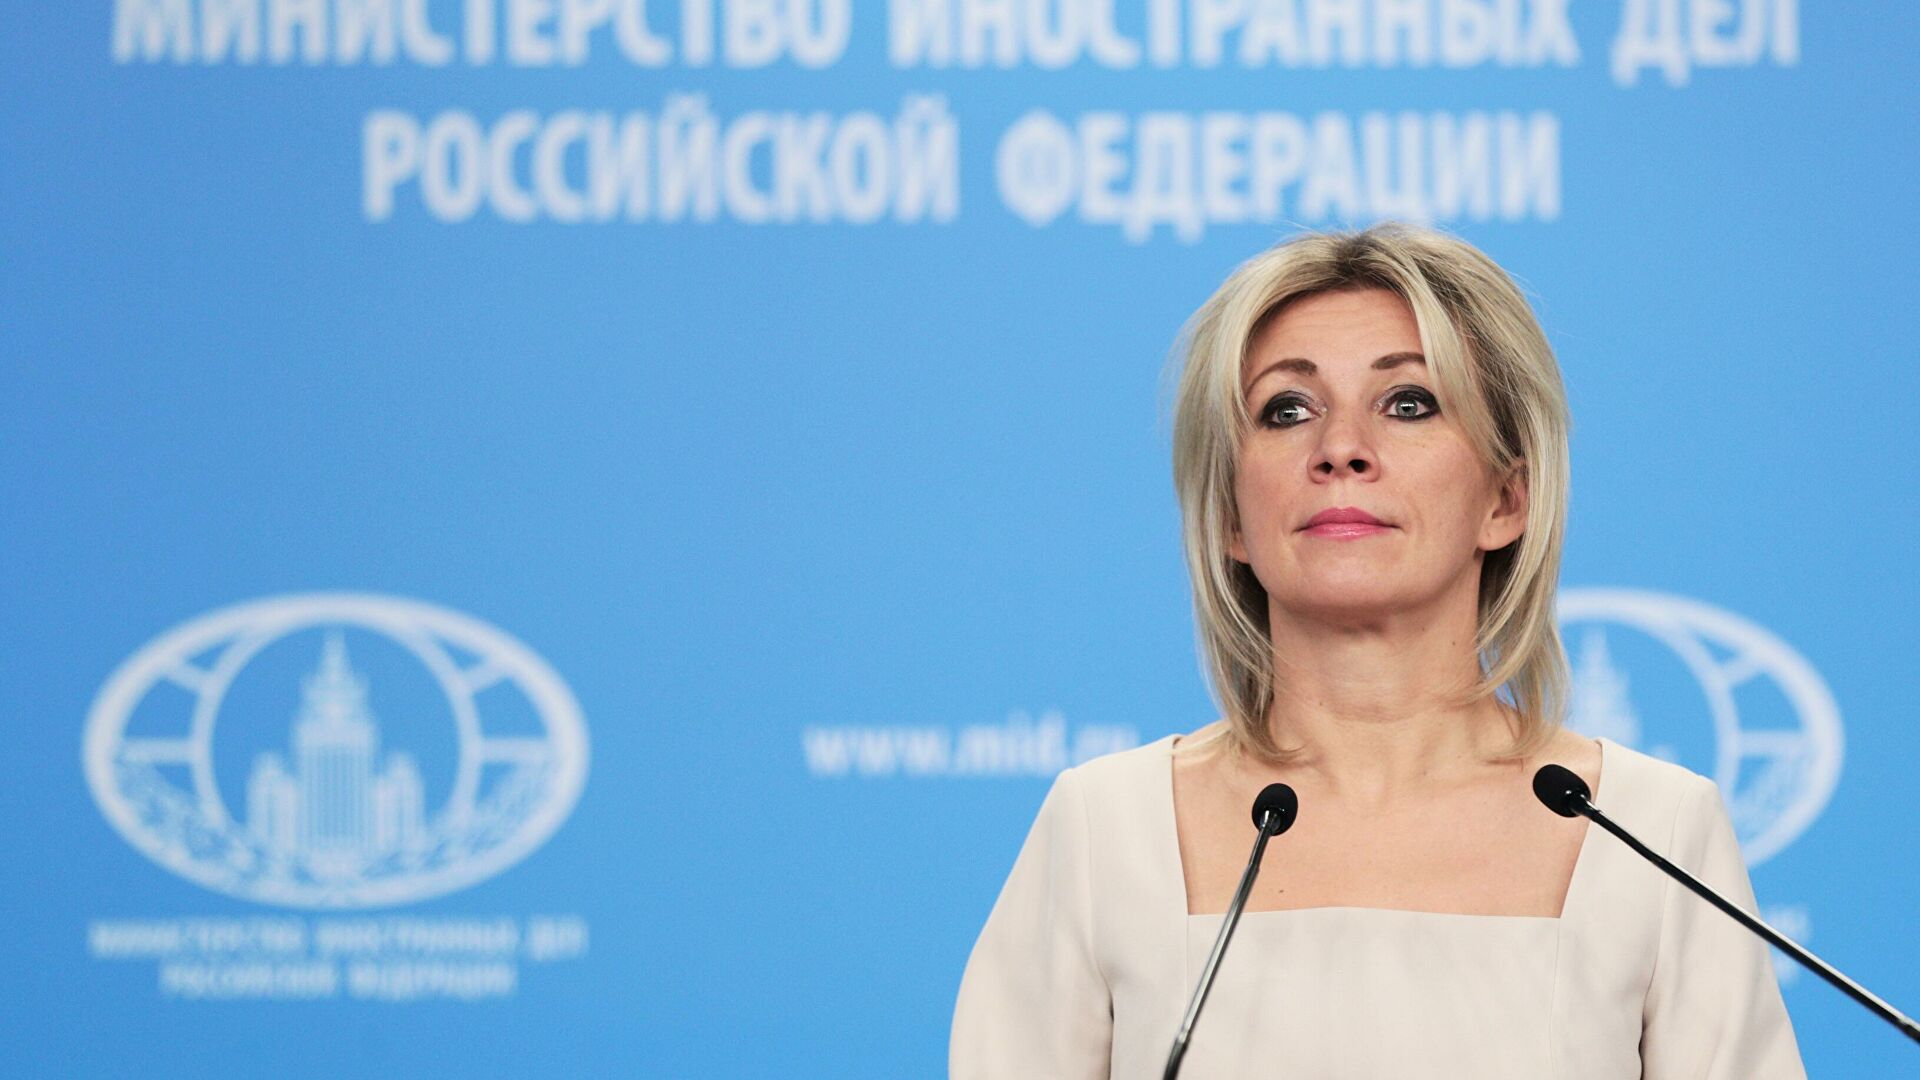 Захарова: Лопта је на страни Вашингтона у односима Москве и Вашингтона